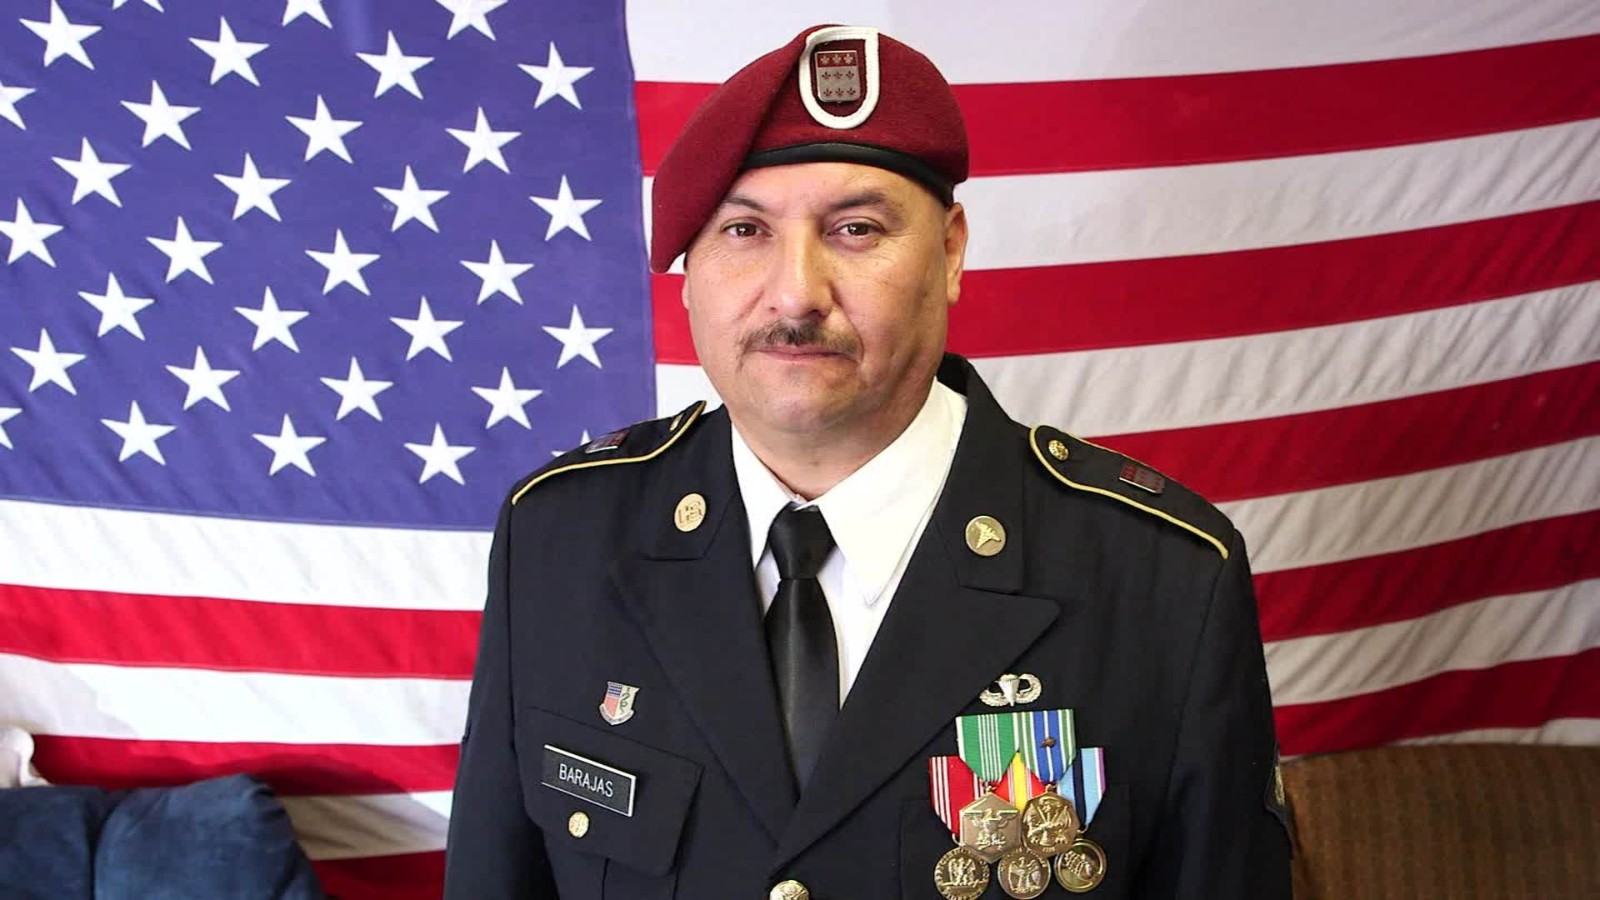 160425154951-deported-veterans-origwx-gr-00035804-full-169.jpg